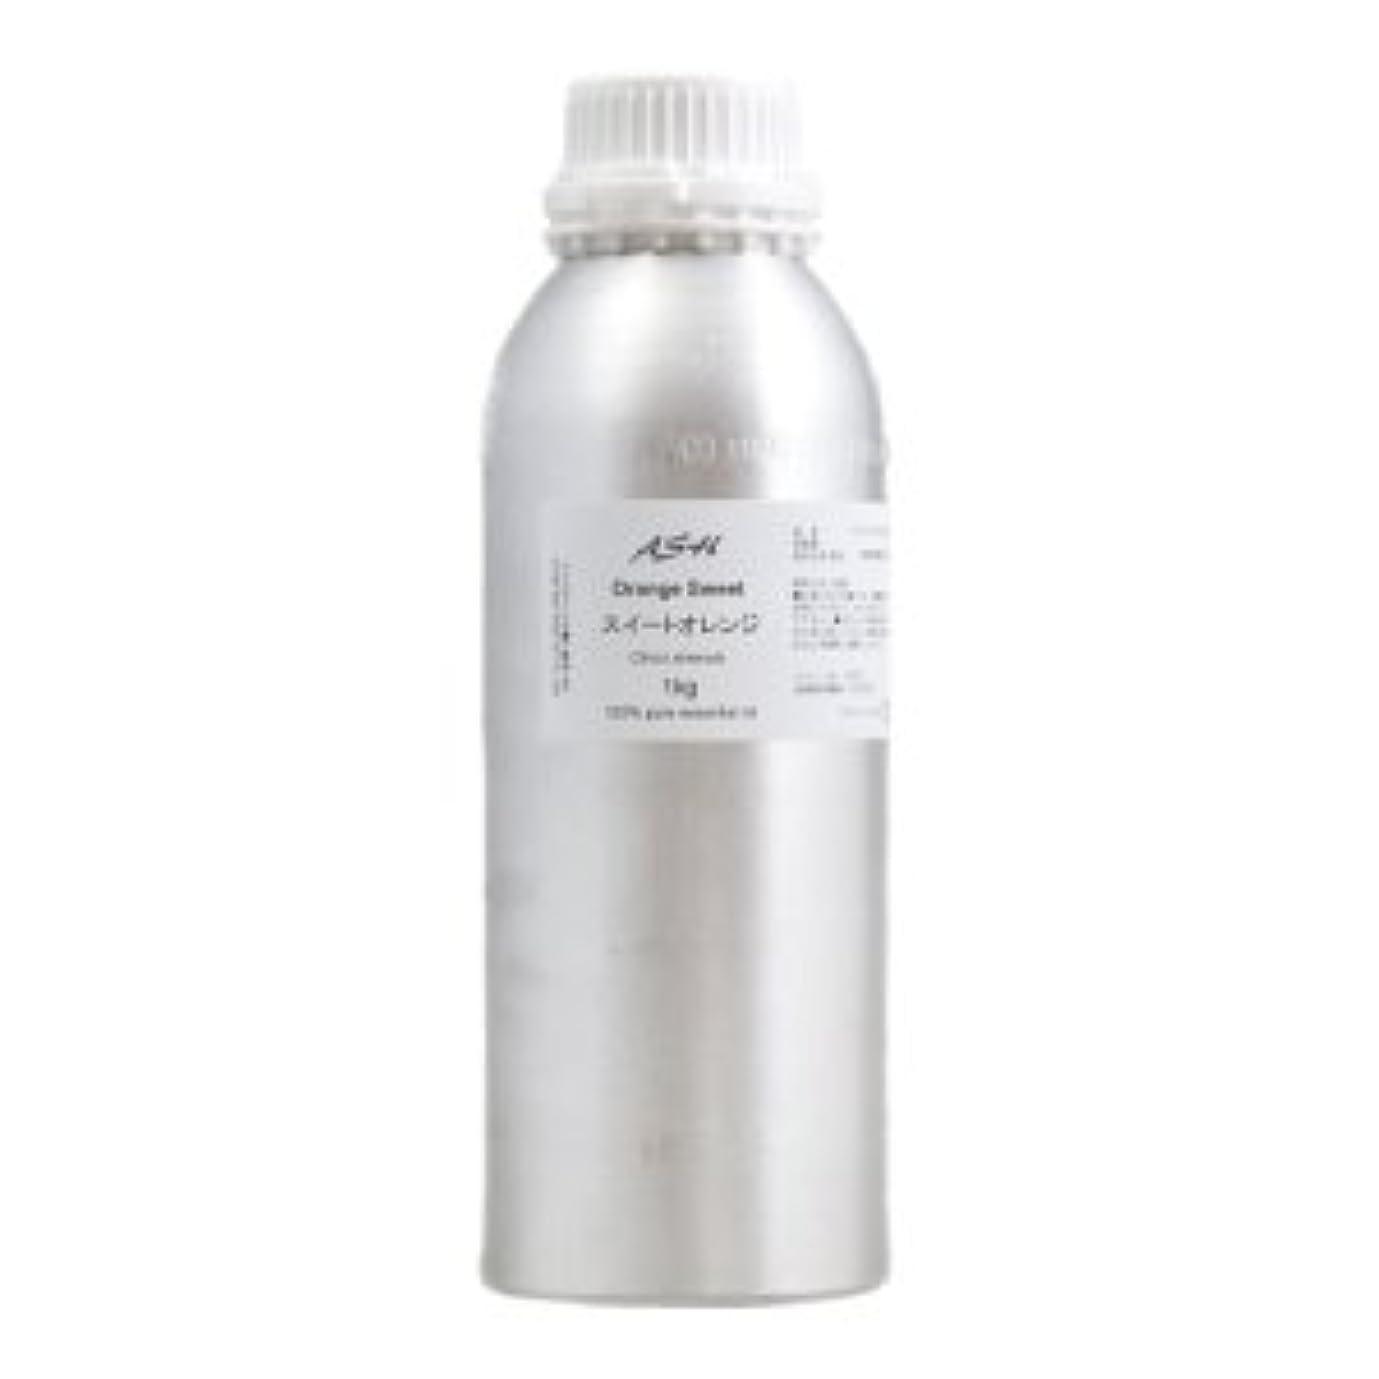 感嘆符悪質な暗黙ASH スイートオレンジ エッセンシャルオイル 業務用1kg AEAJ表示基準適合認定精油